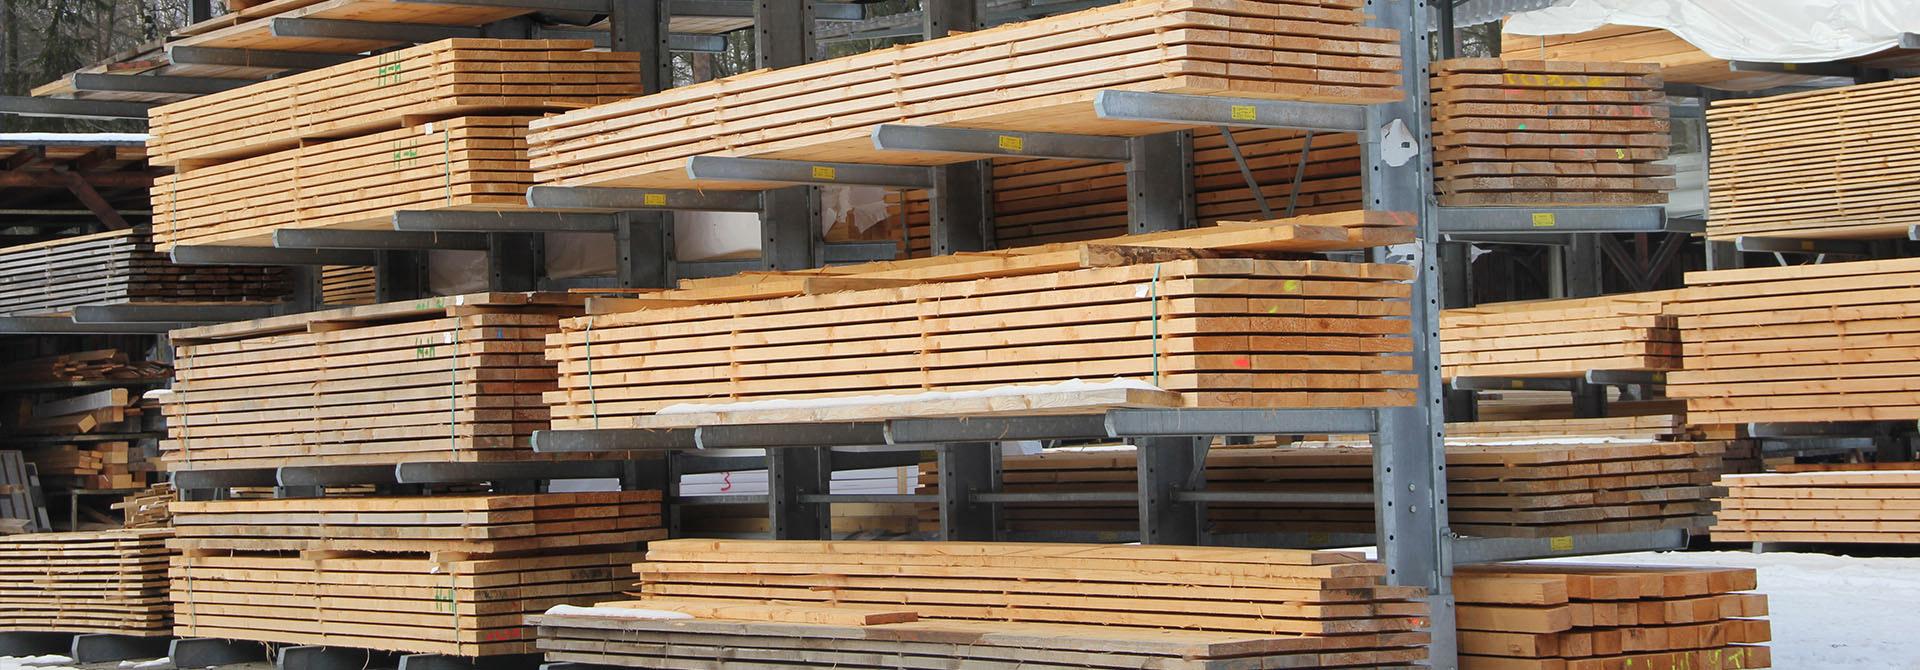 Heyne Holz Gmbh In Hohenstein Ernstthal Zimmerei Holzhandel